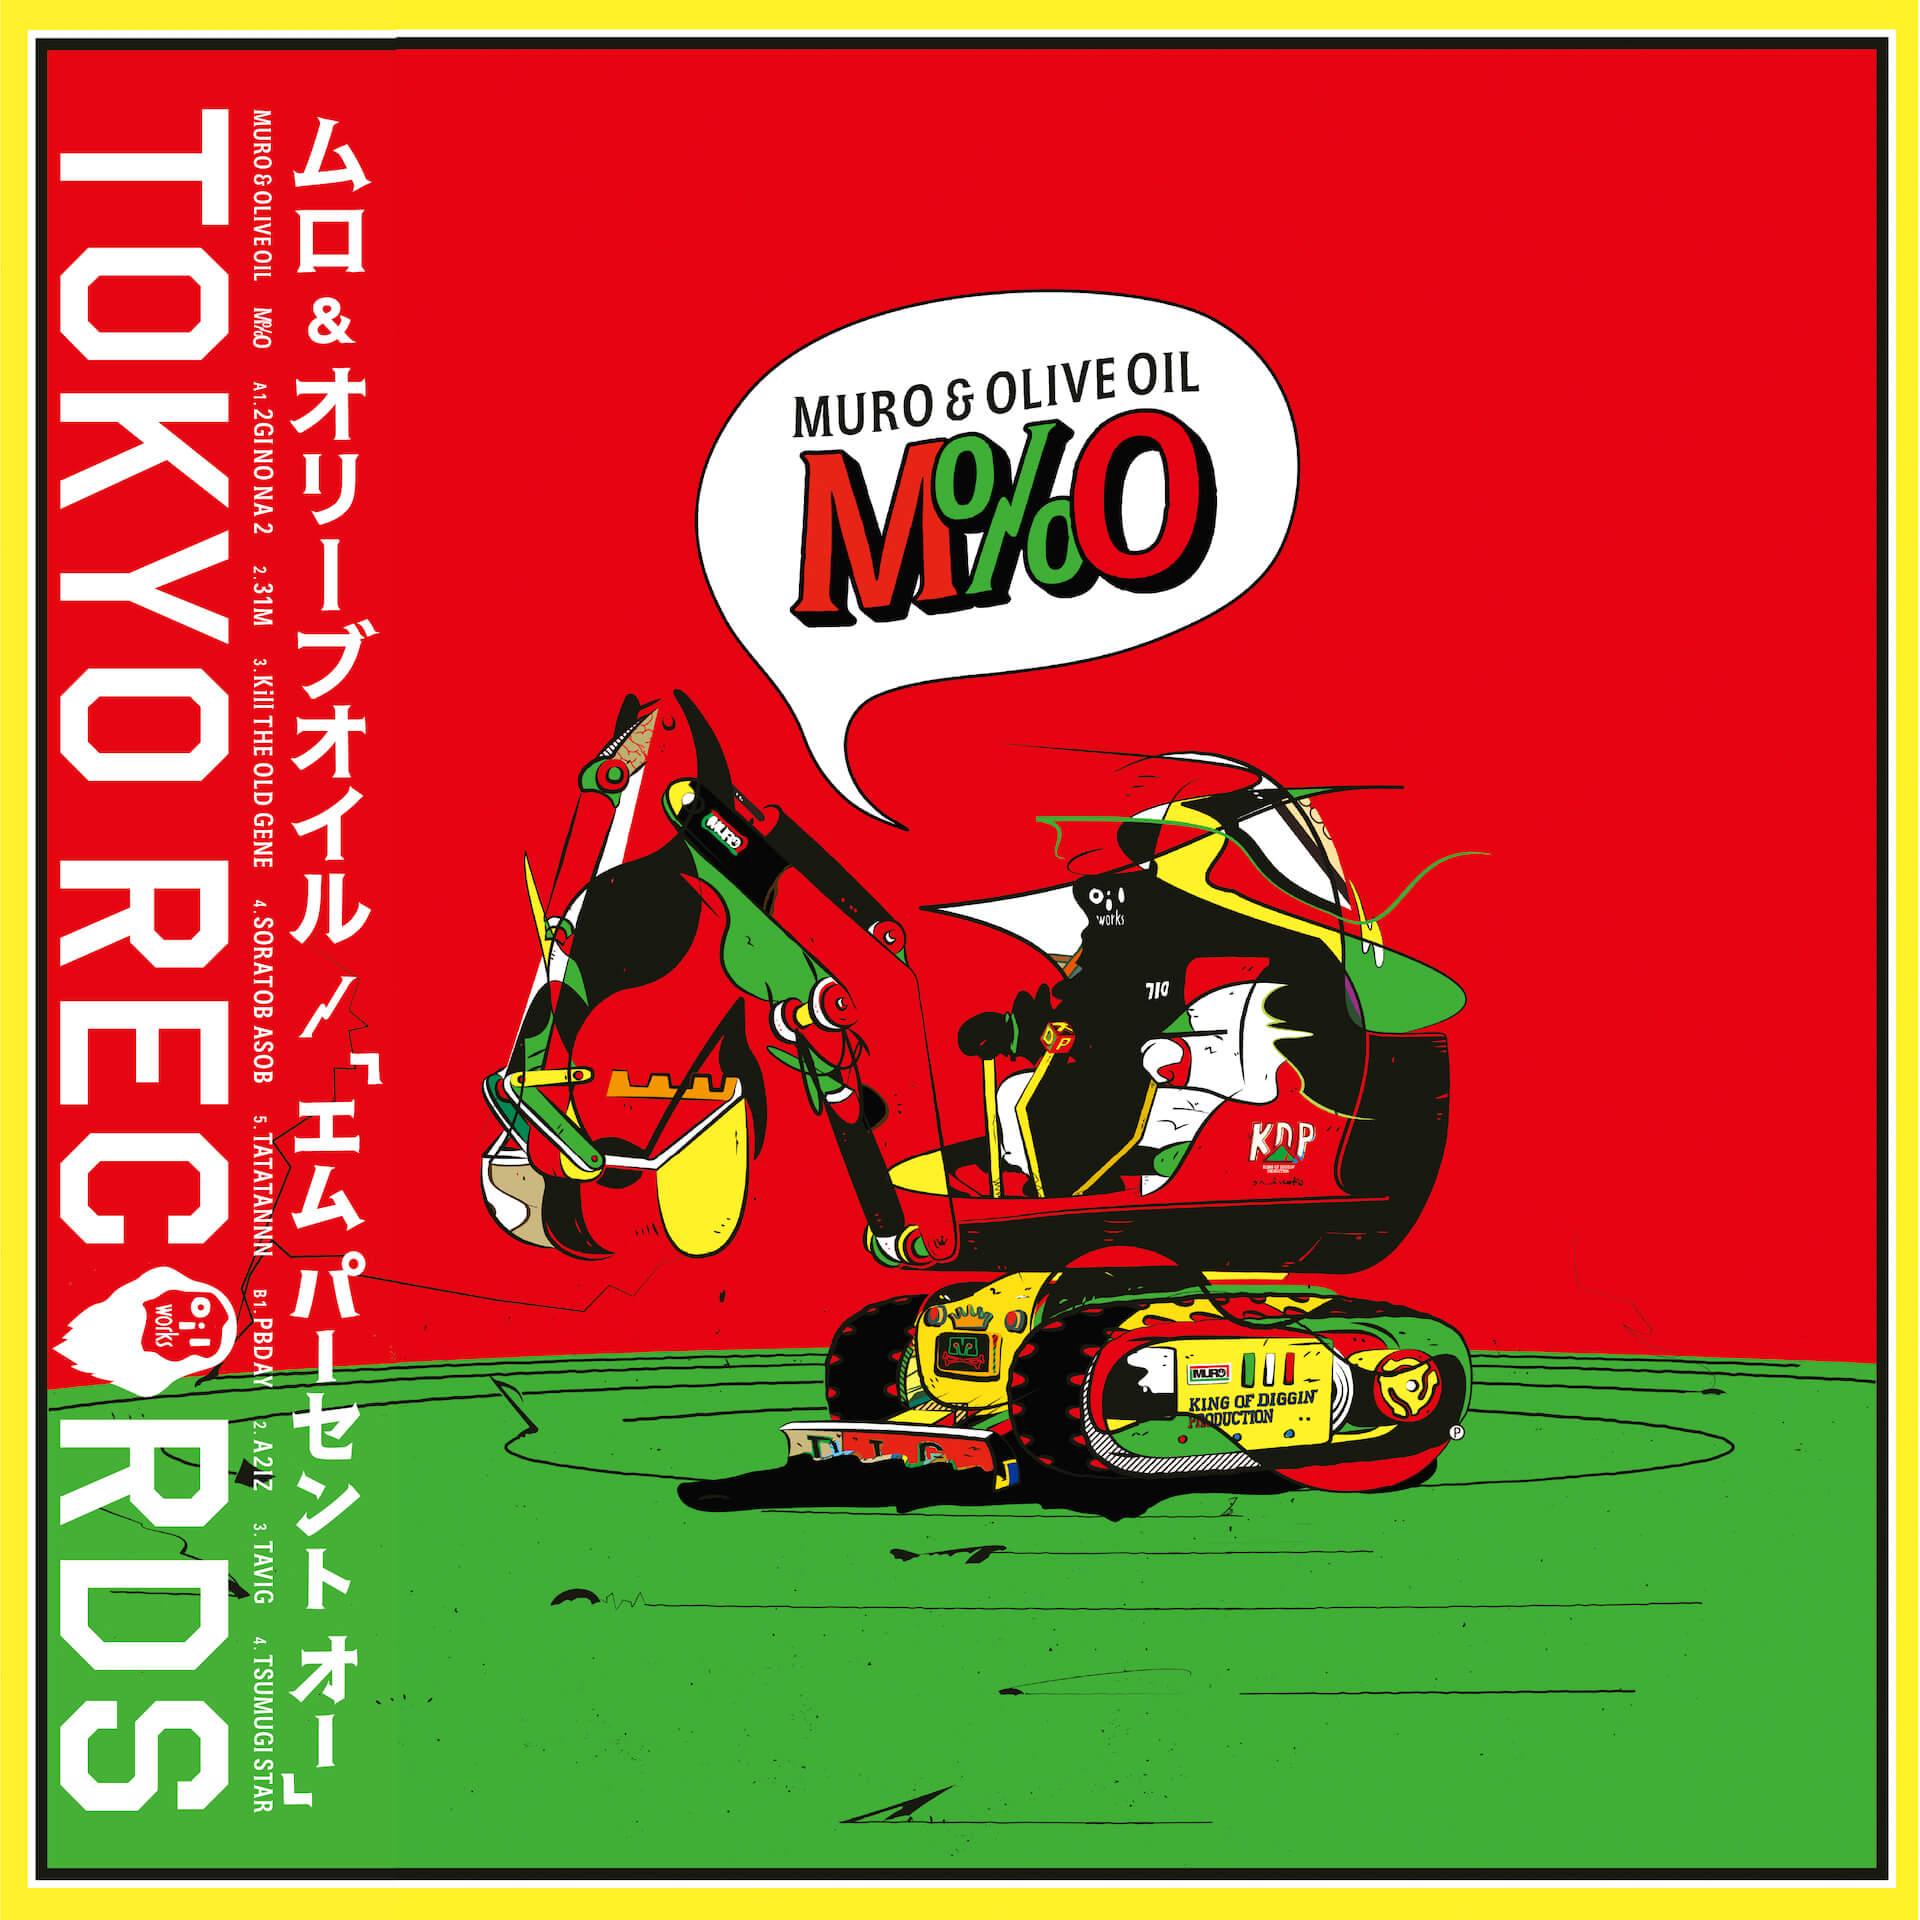 MURO&OLIVE OILによるコラボアルバムが限定LP『M%O』として〈Manhattan Records〉よりリリース! music210521_muro-olive-oil-210521_1